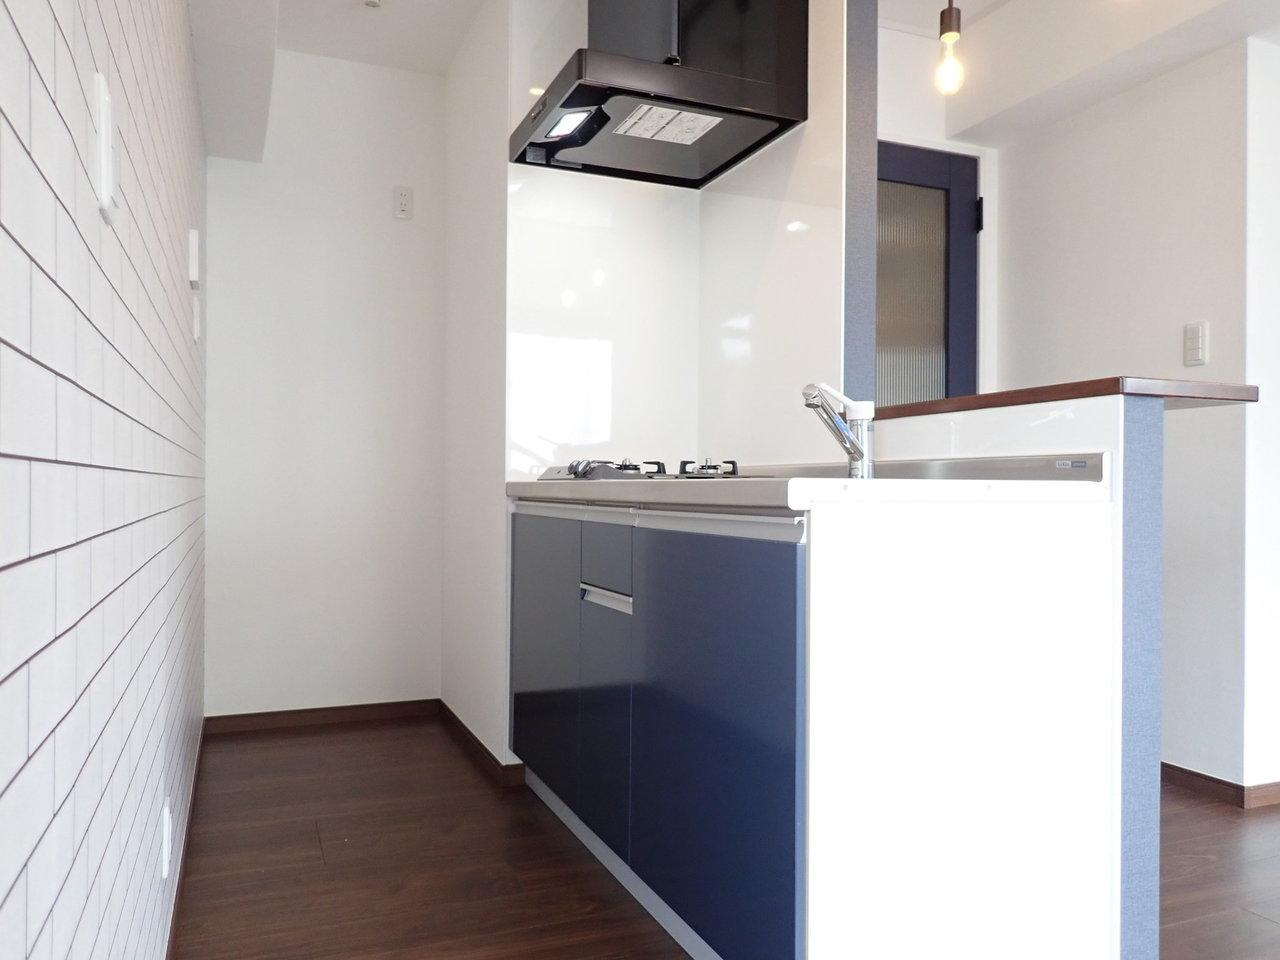 コンロは二口あり、さらに背面のスペースは広くとってあります。奥には冷蔵庫。背面には食器や炊飯器などを置いておける棚をDIYしてもいいかも。